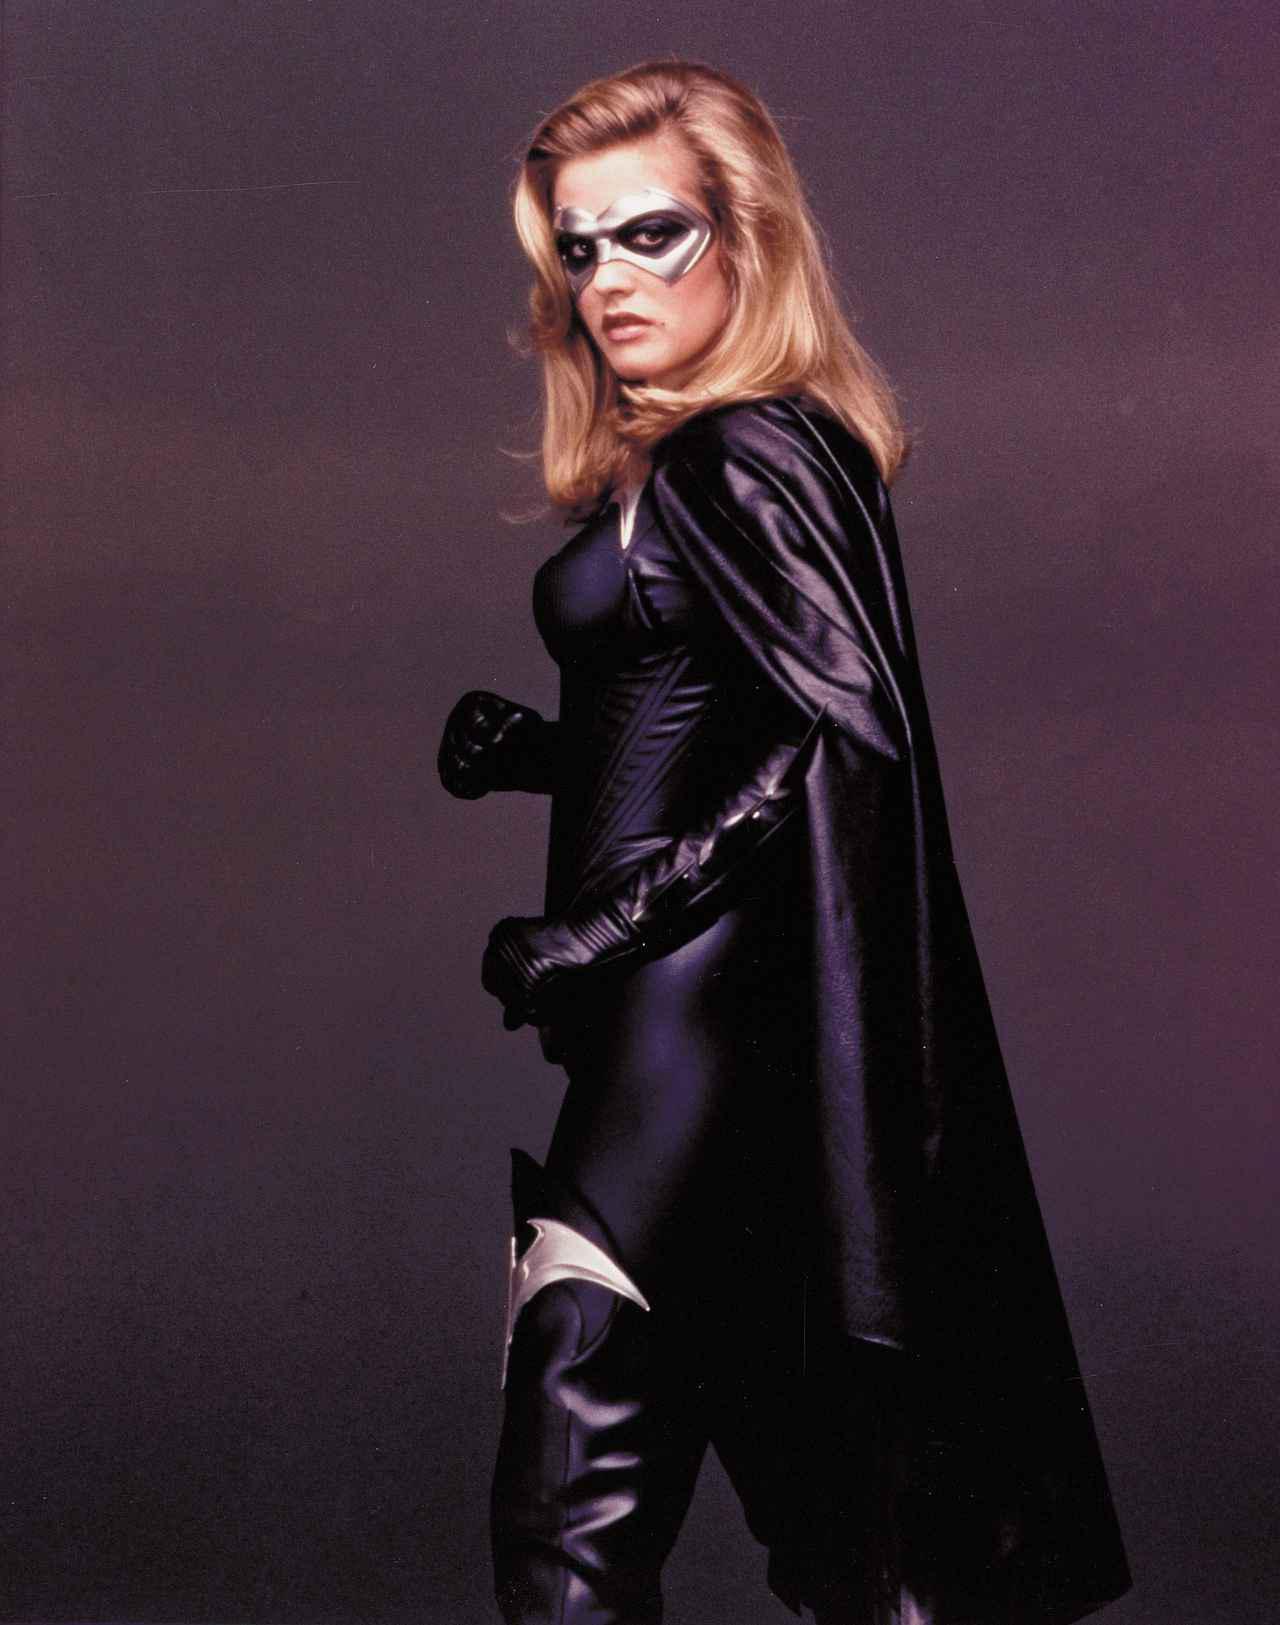 画像: 『バットマン&ロビン/Mr.フリーズの逆襲』でバットガールを演じたアリシア。 ⓒWARNER BROS. PICTURES / Album/Newscom